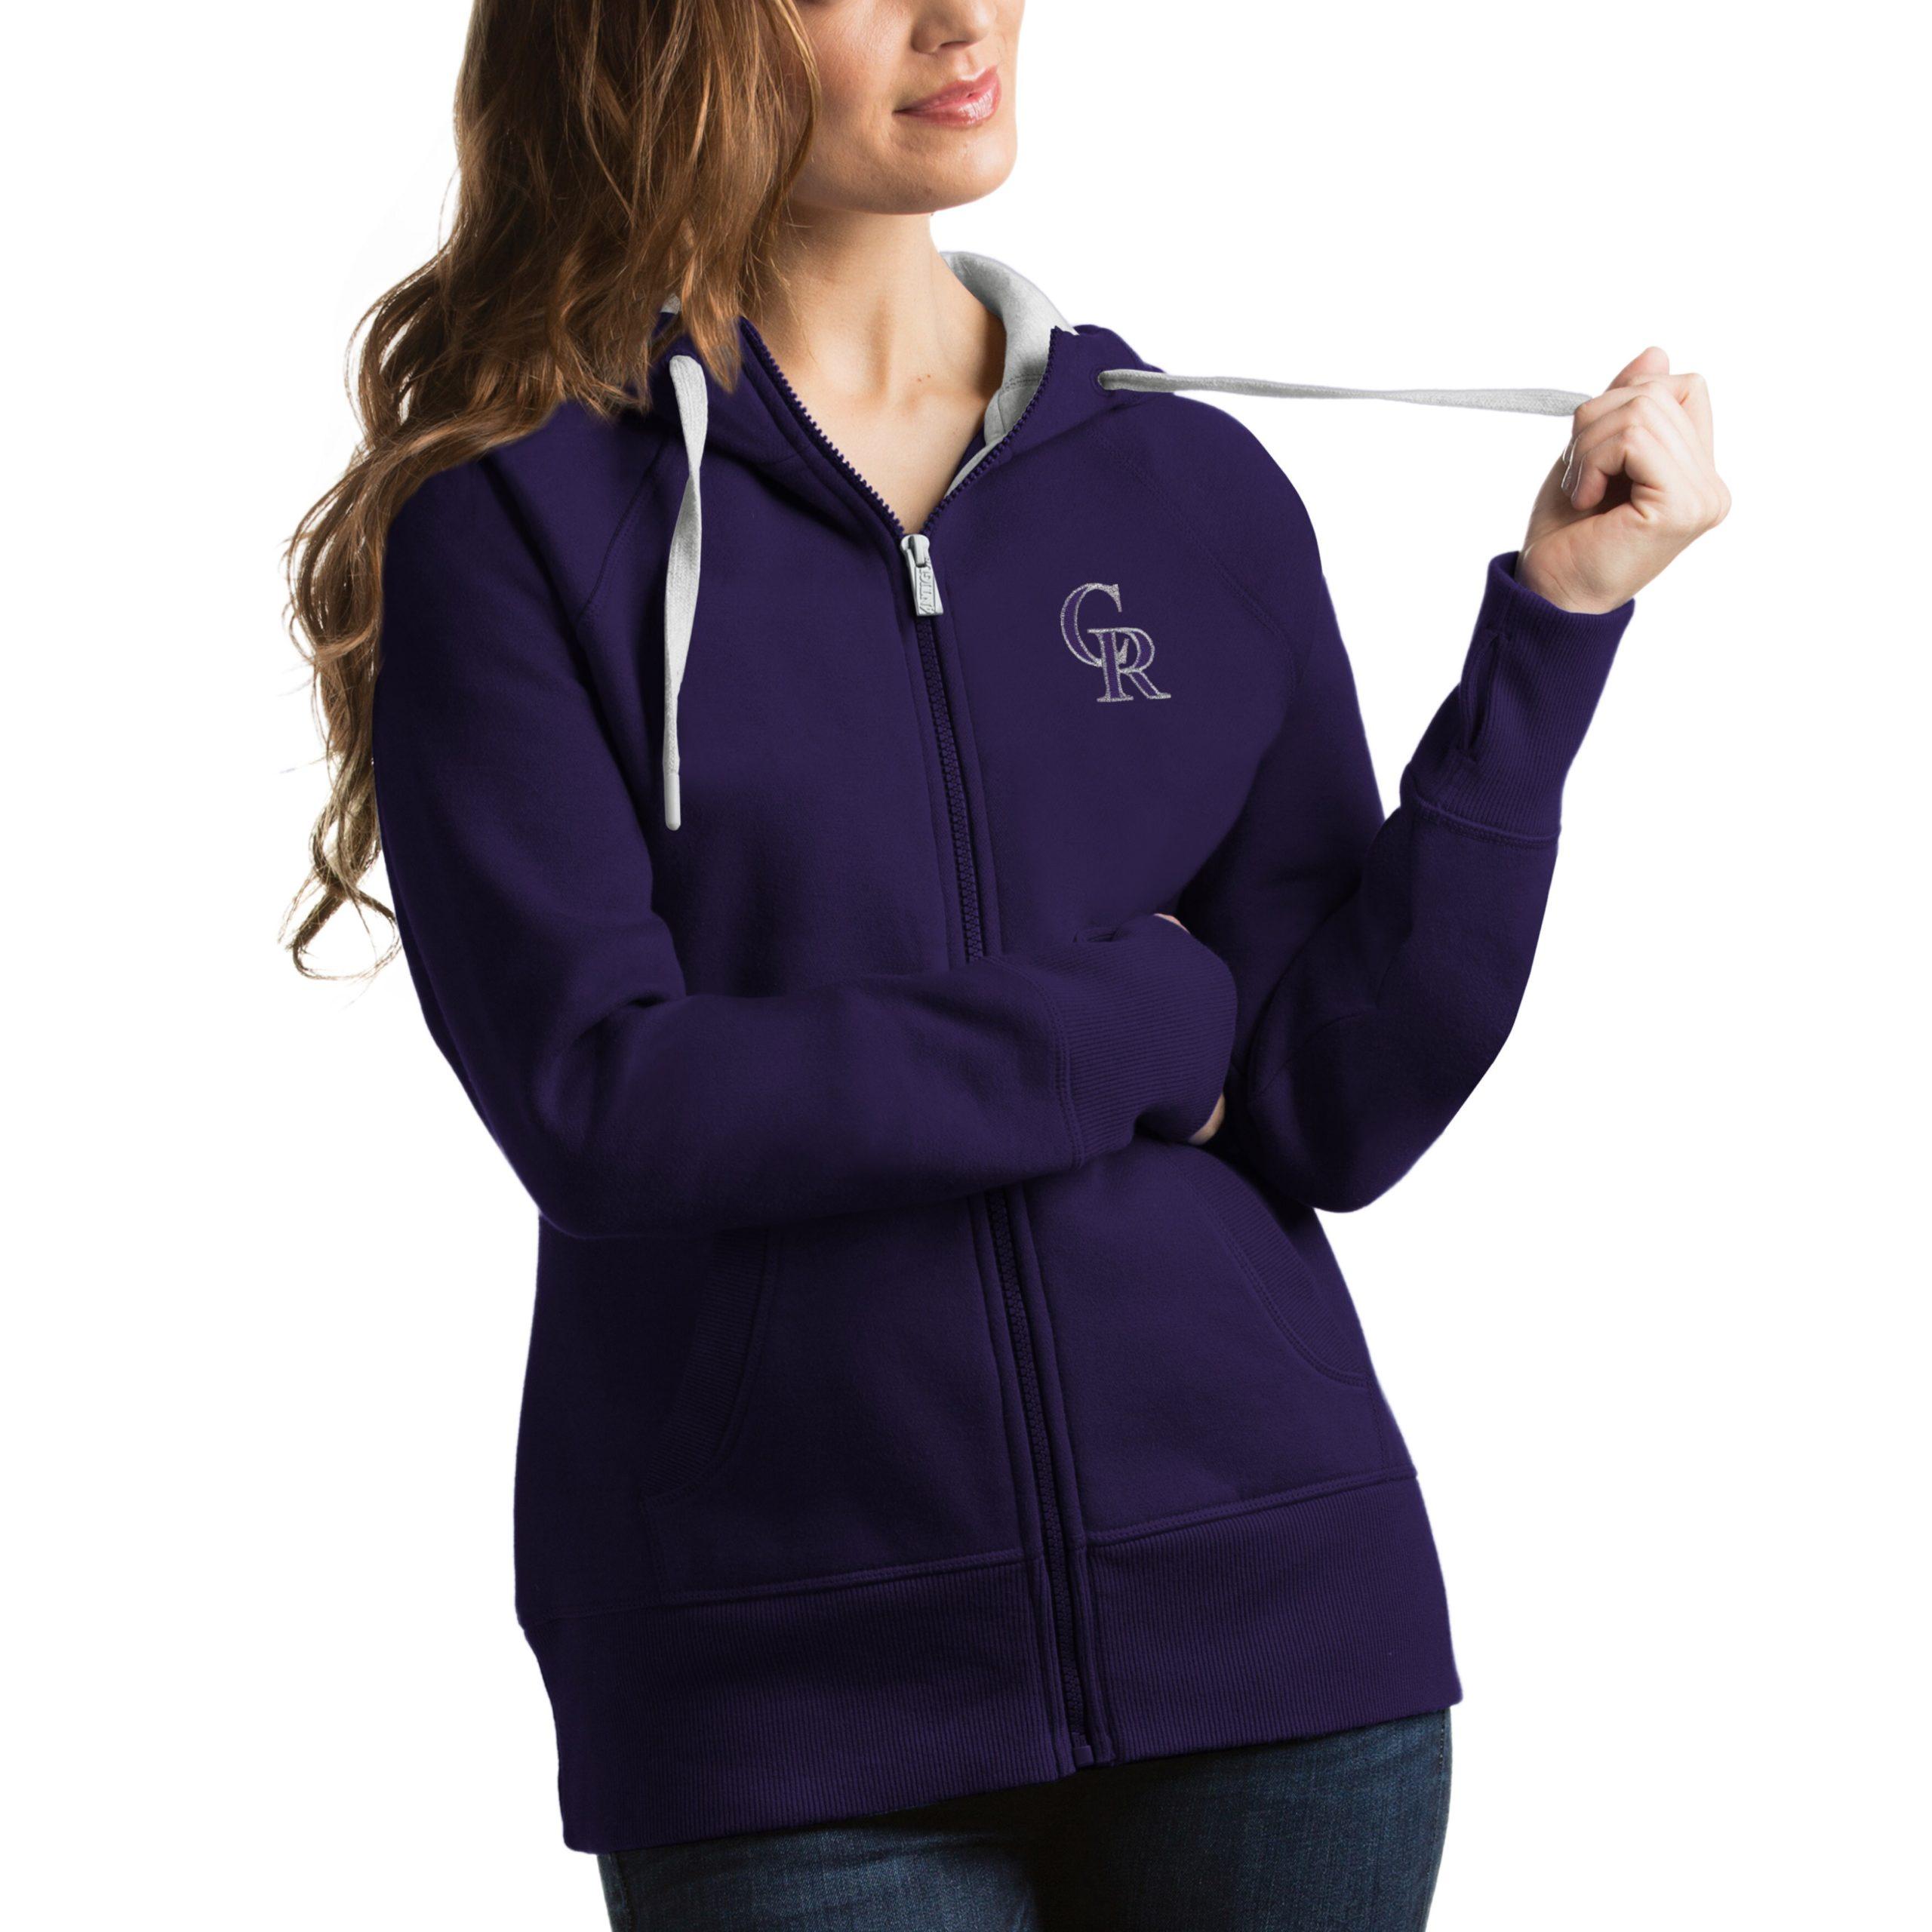 Colorado Rockies Antigua Women's Victory Full-Zip Hoodie - Purple